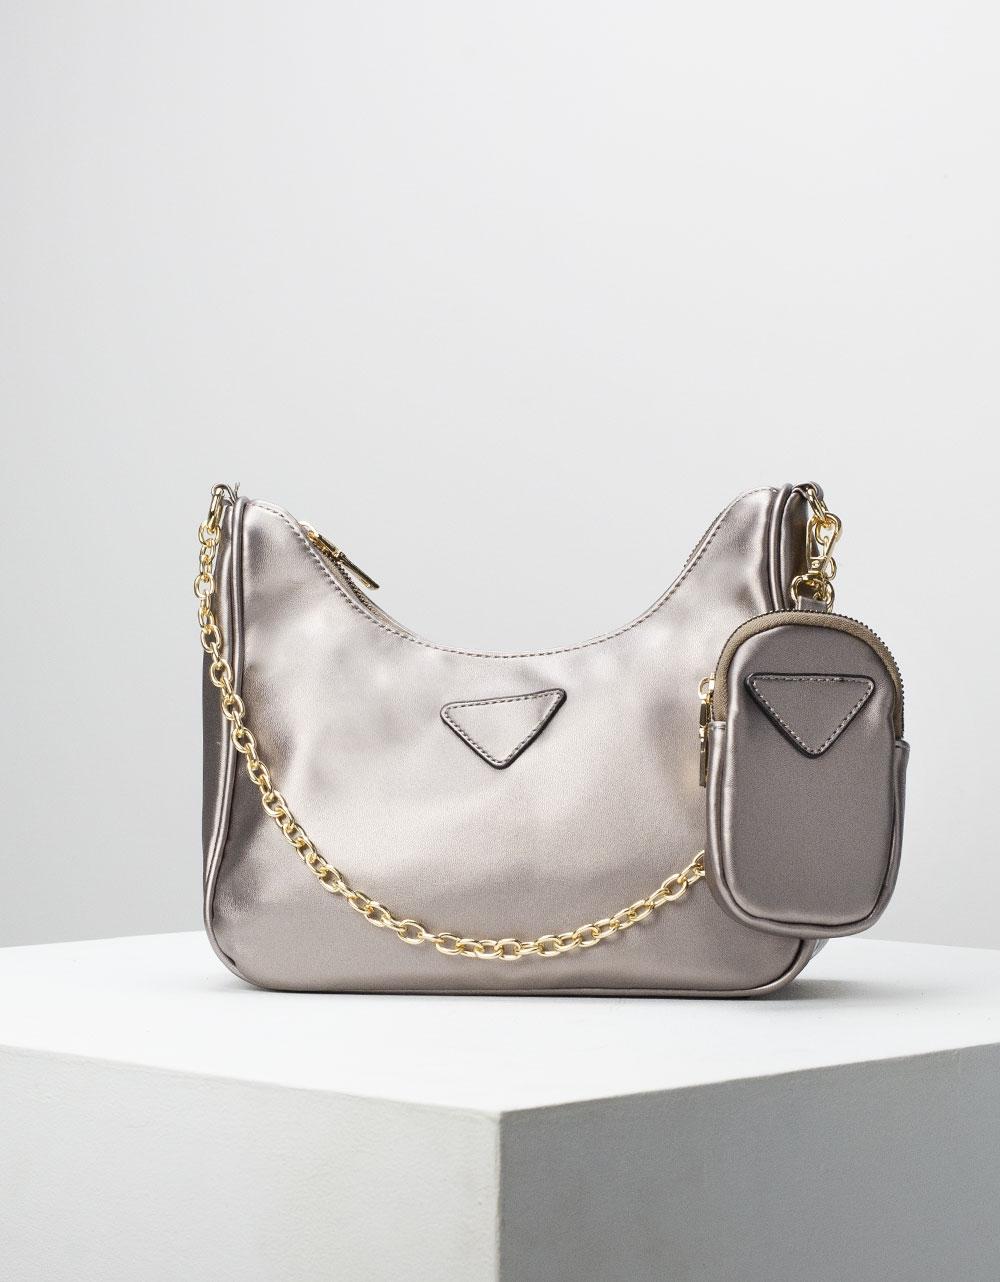 Εικόνα από Γυναικεία τσάντα ώμου & χιαστί με αλυσίδα και πορτοφόλι Ασημί